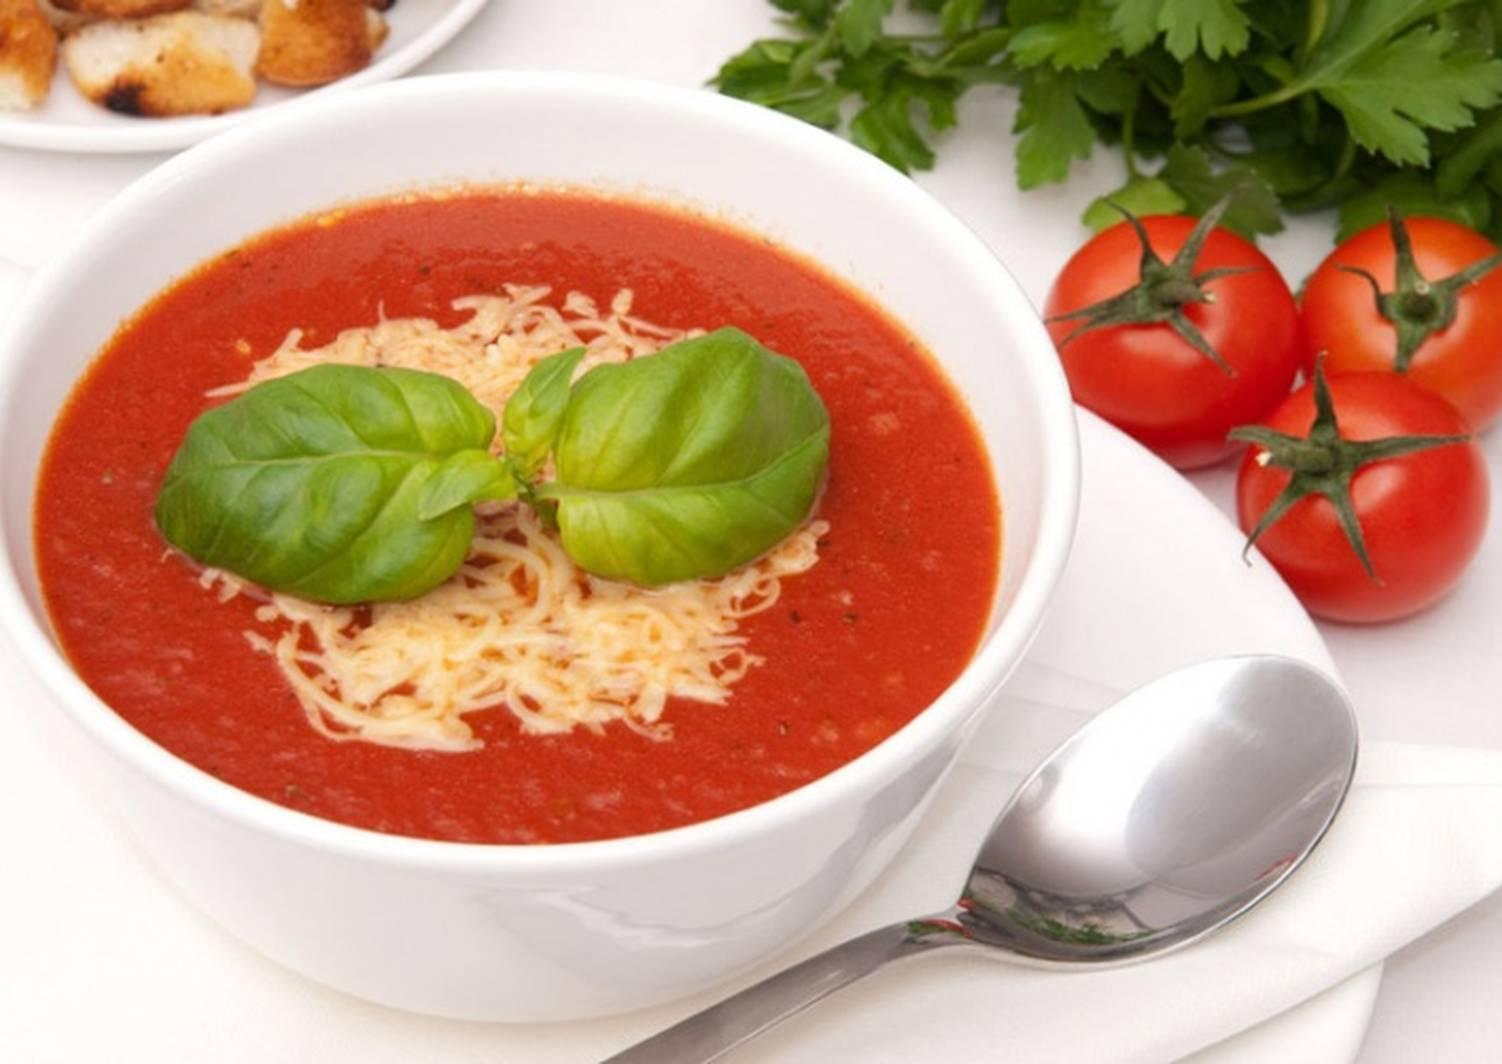 томатный суп диетический рецепт с фото приготовления мультиварке